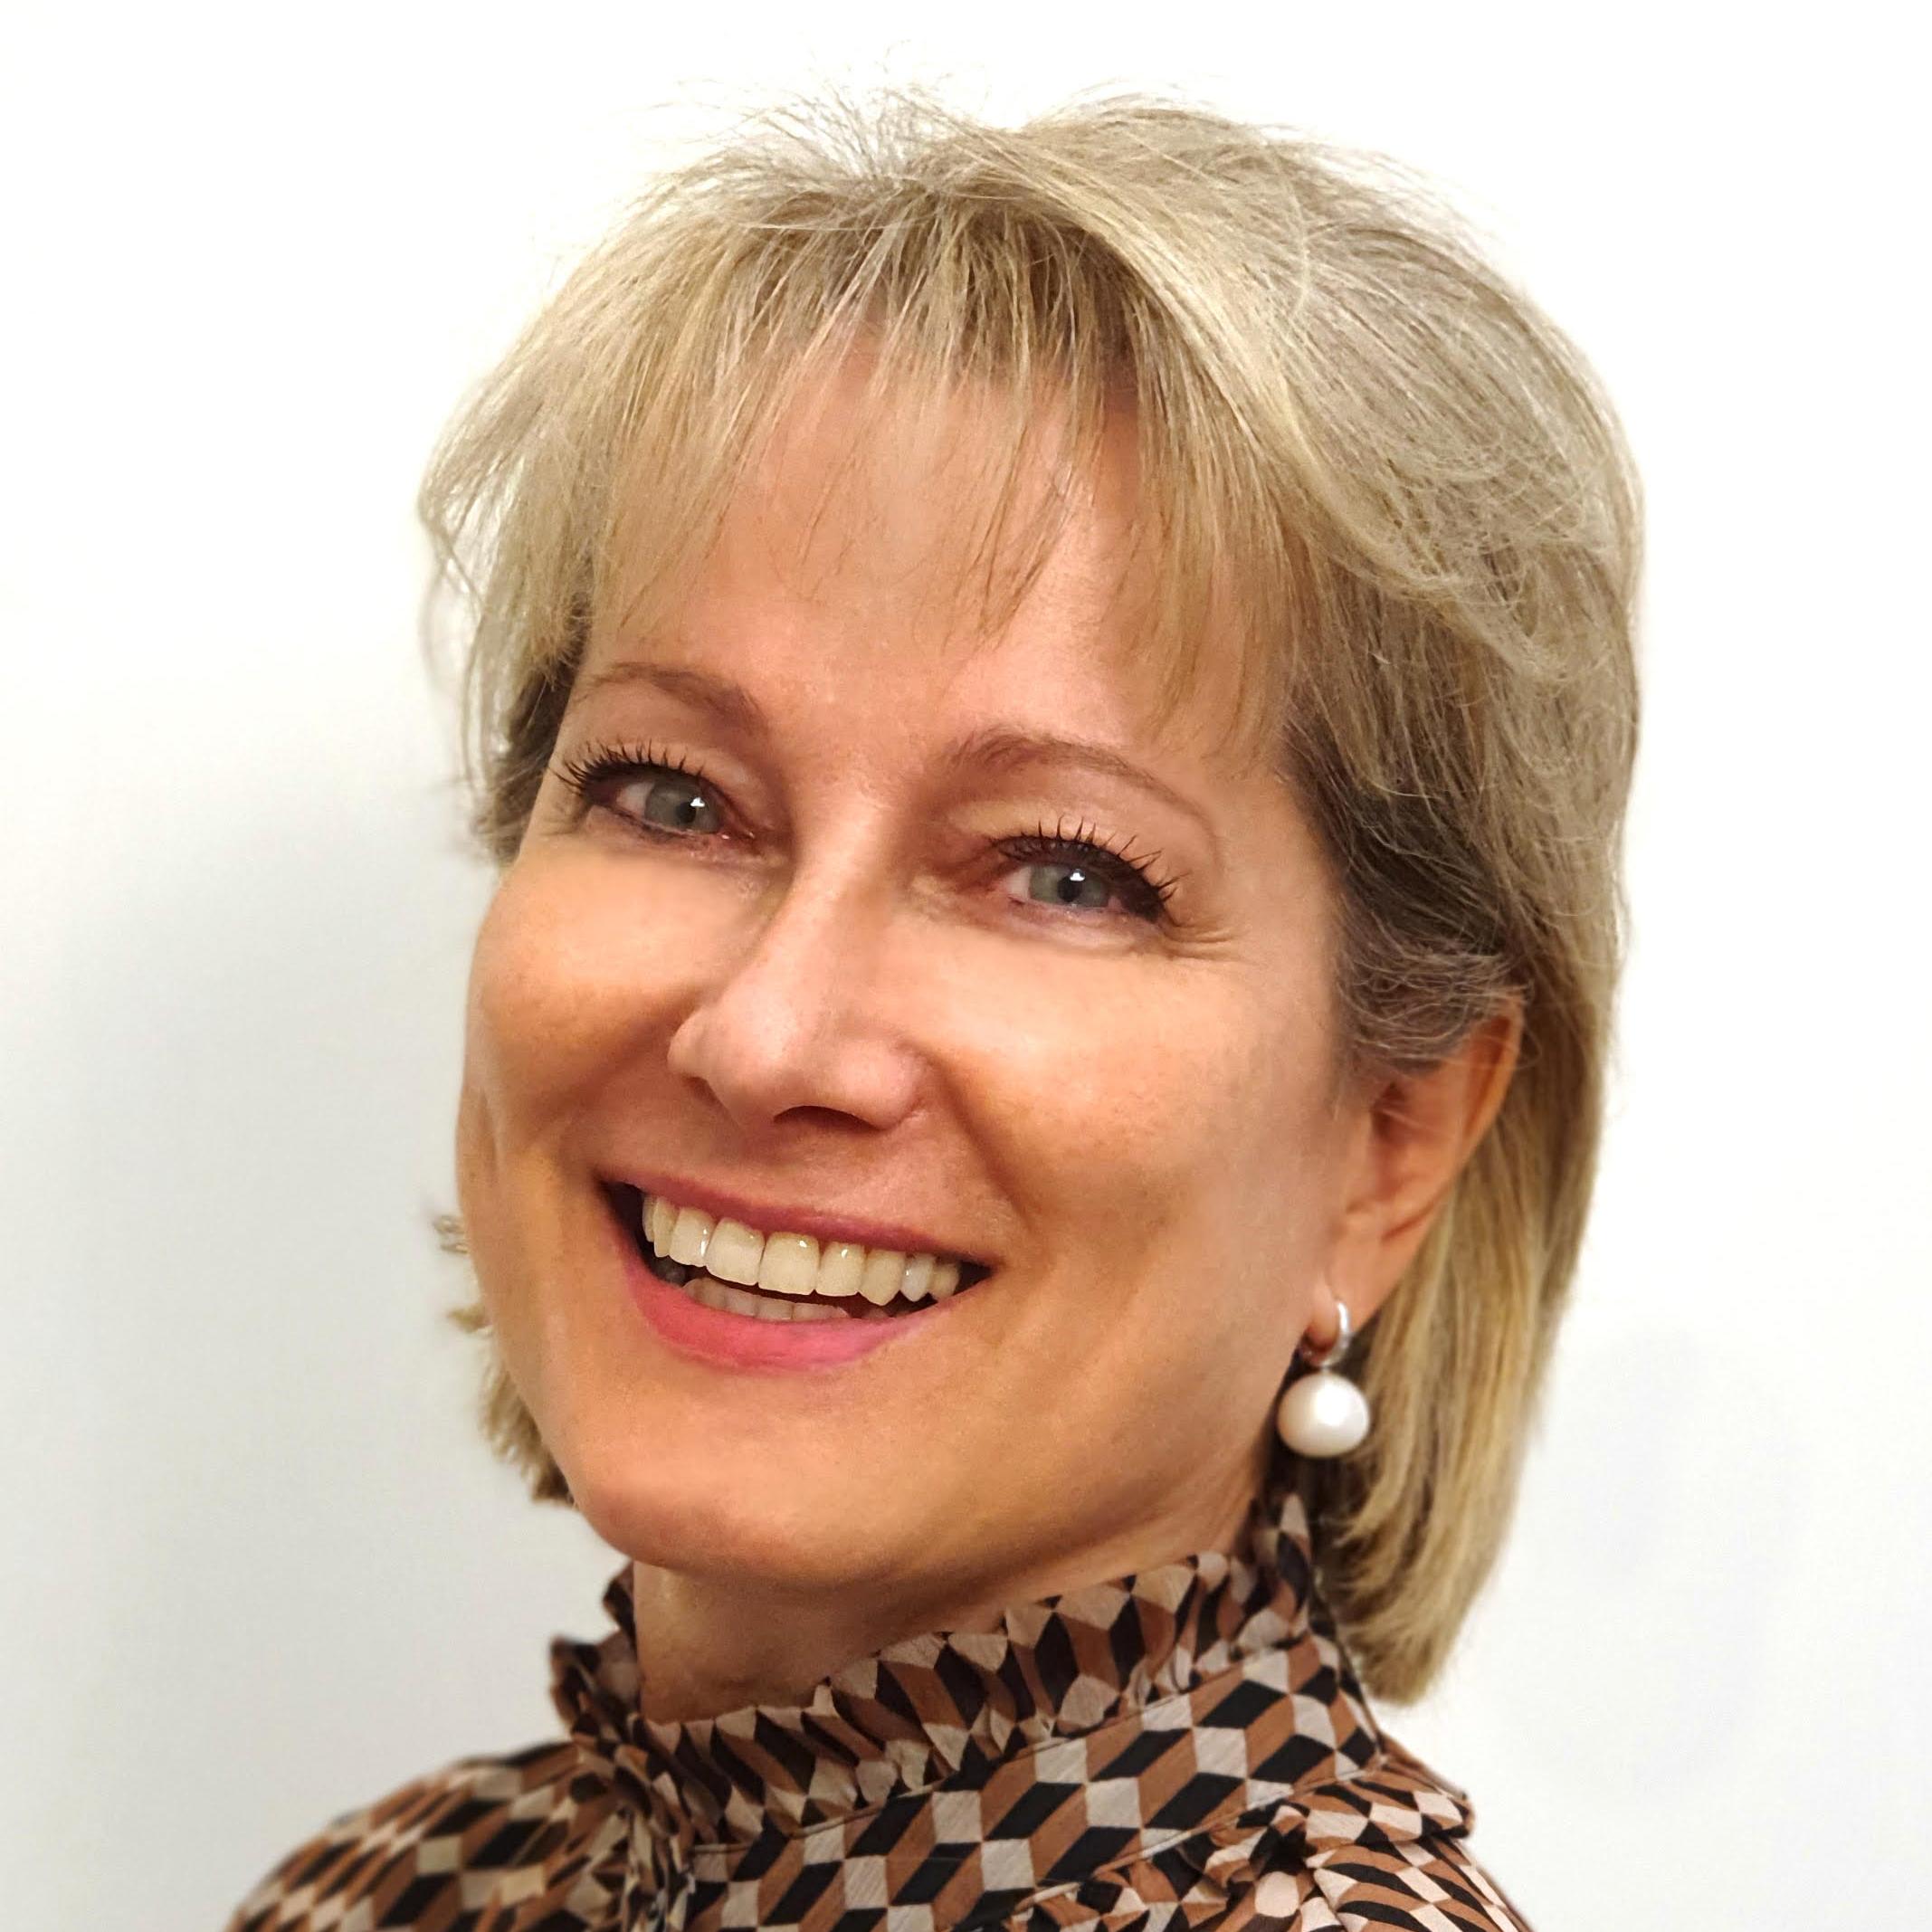 Ingrid Gama